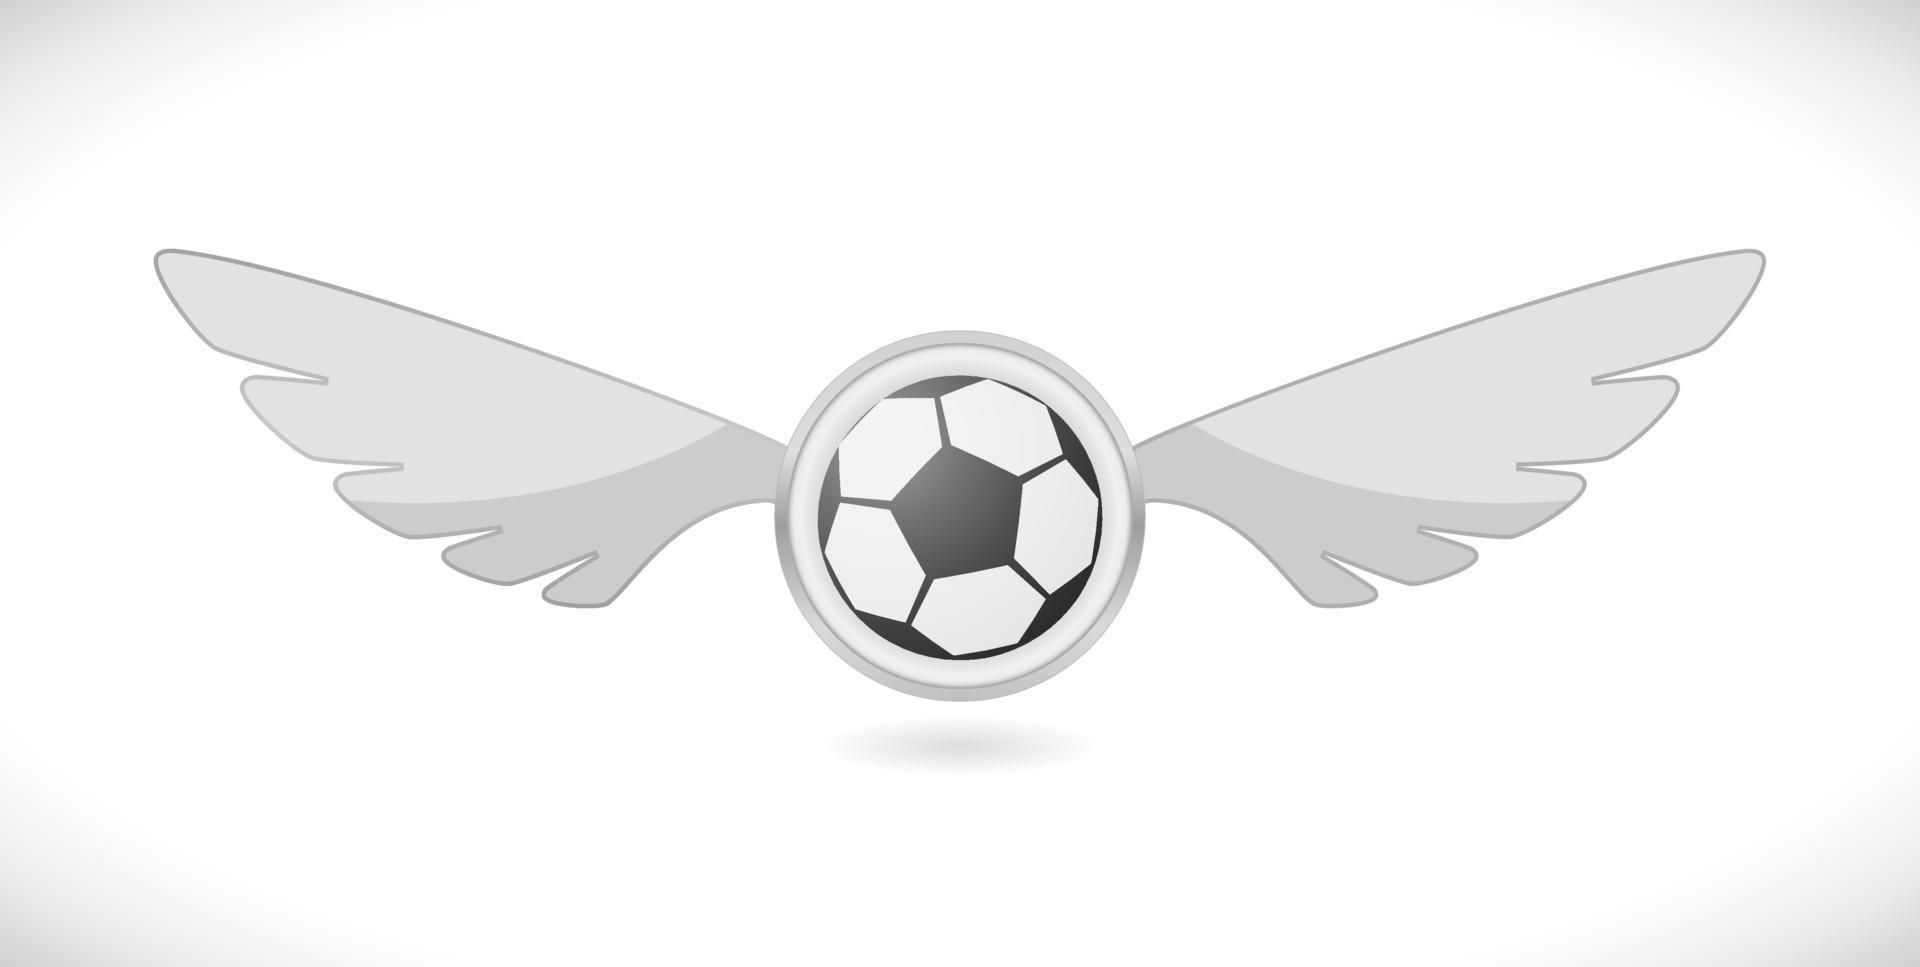 bola de futebol com asas vetor